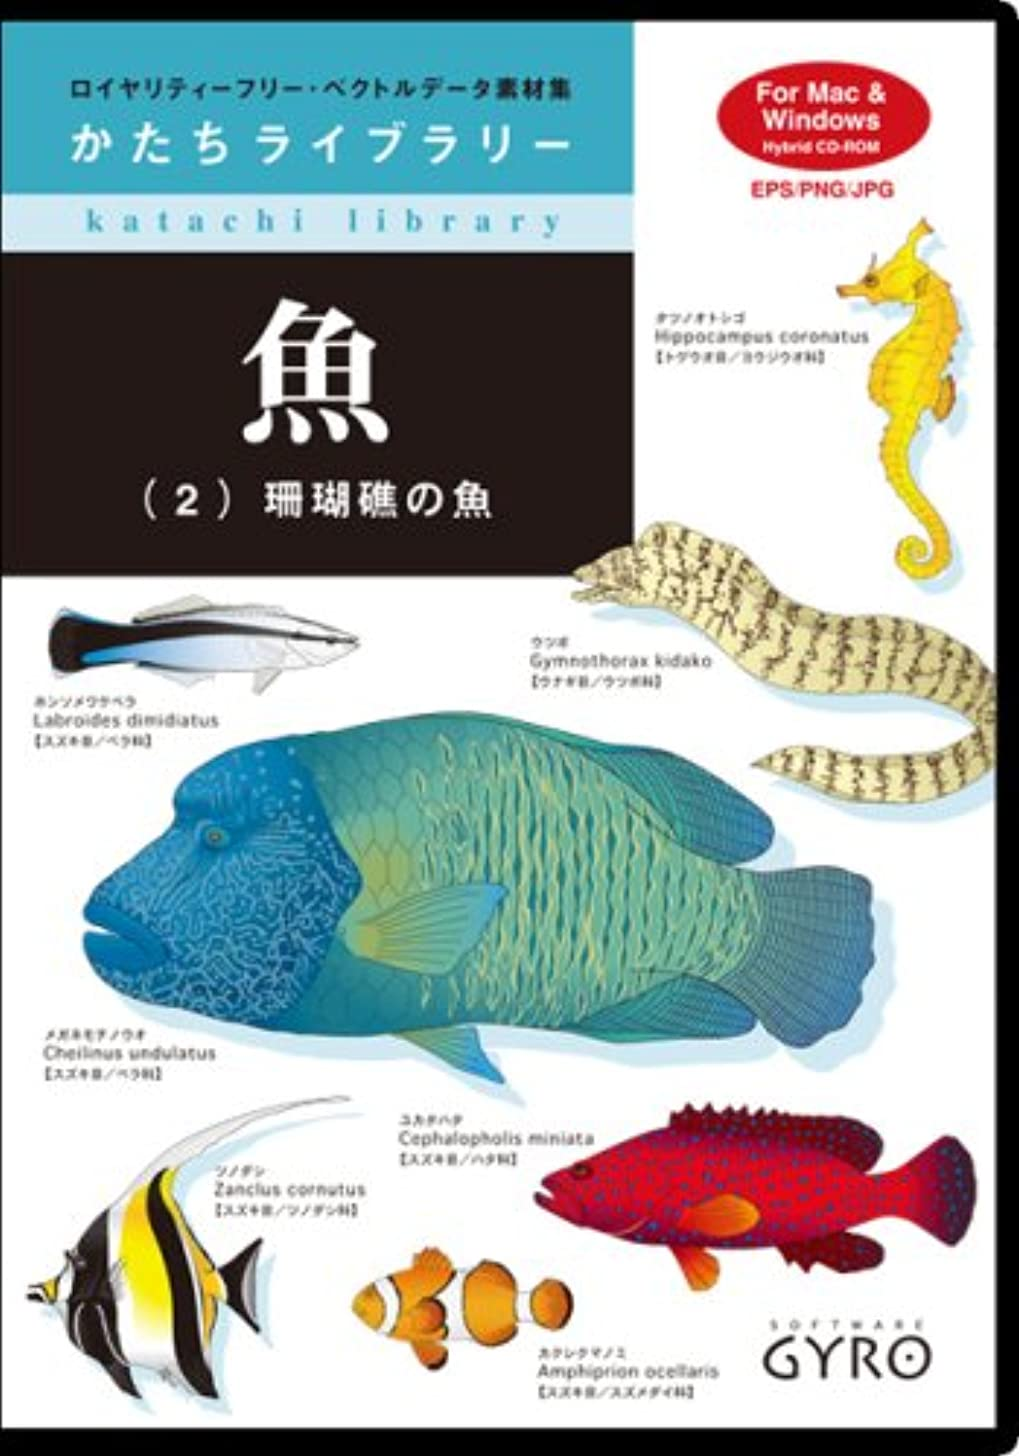 周りメディカル戸棚かたちライブラリー 魚2